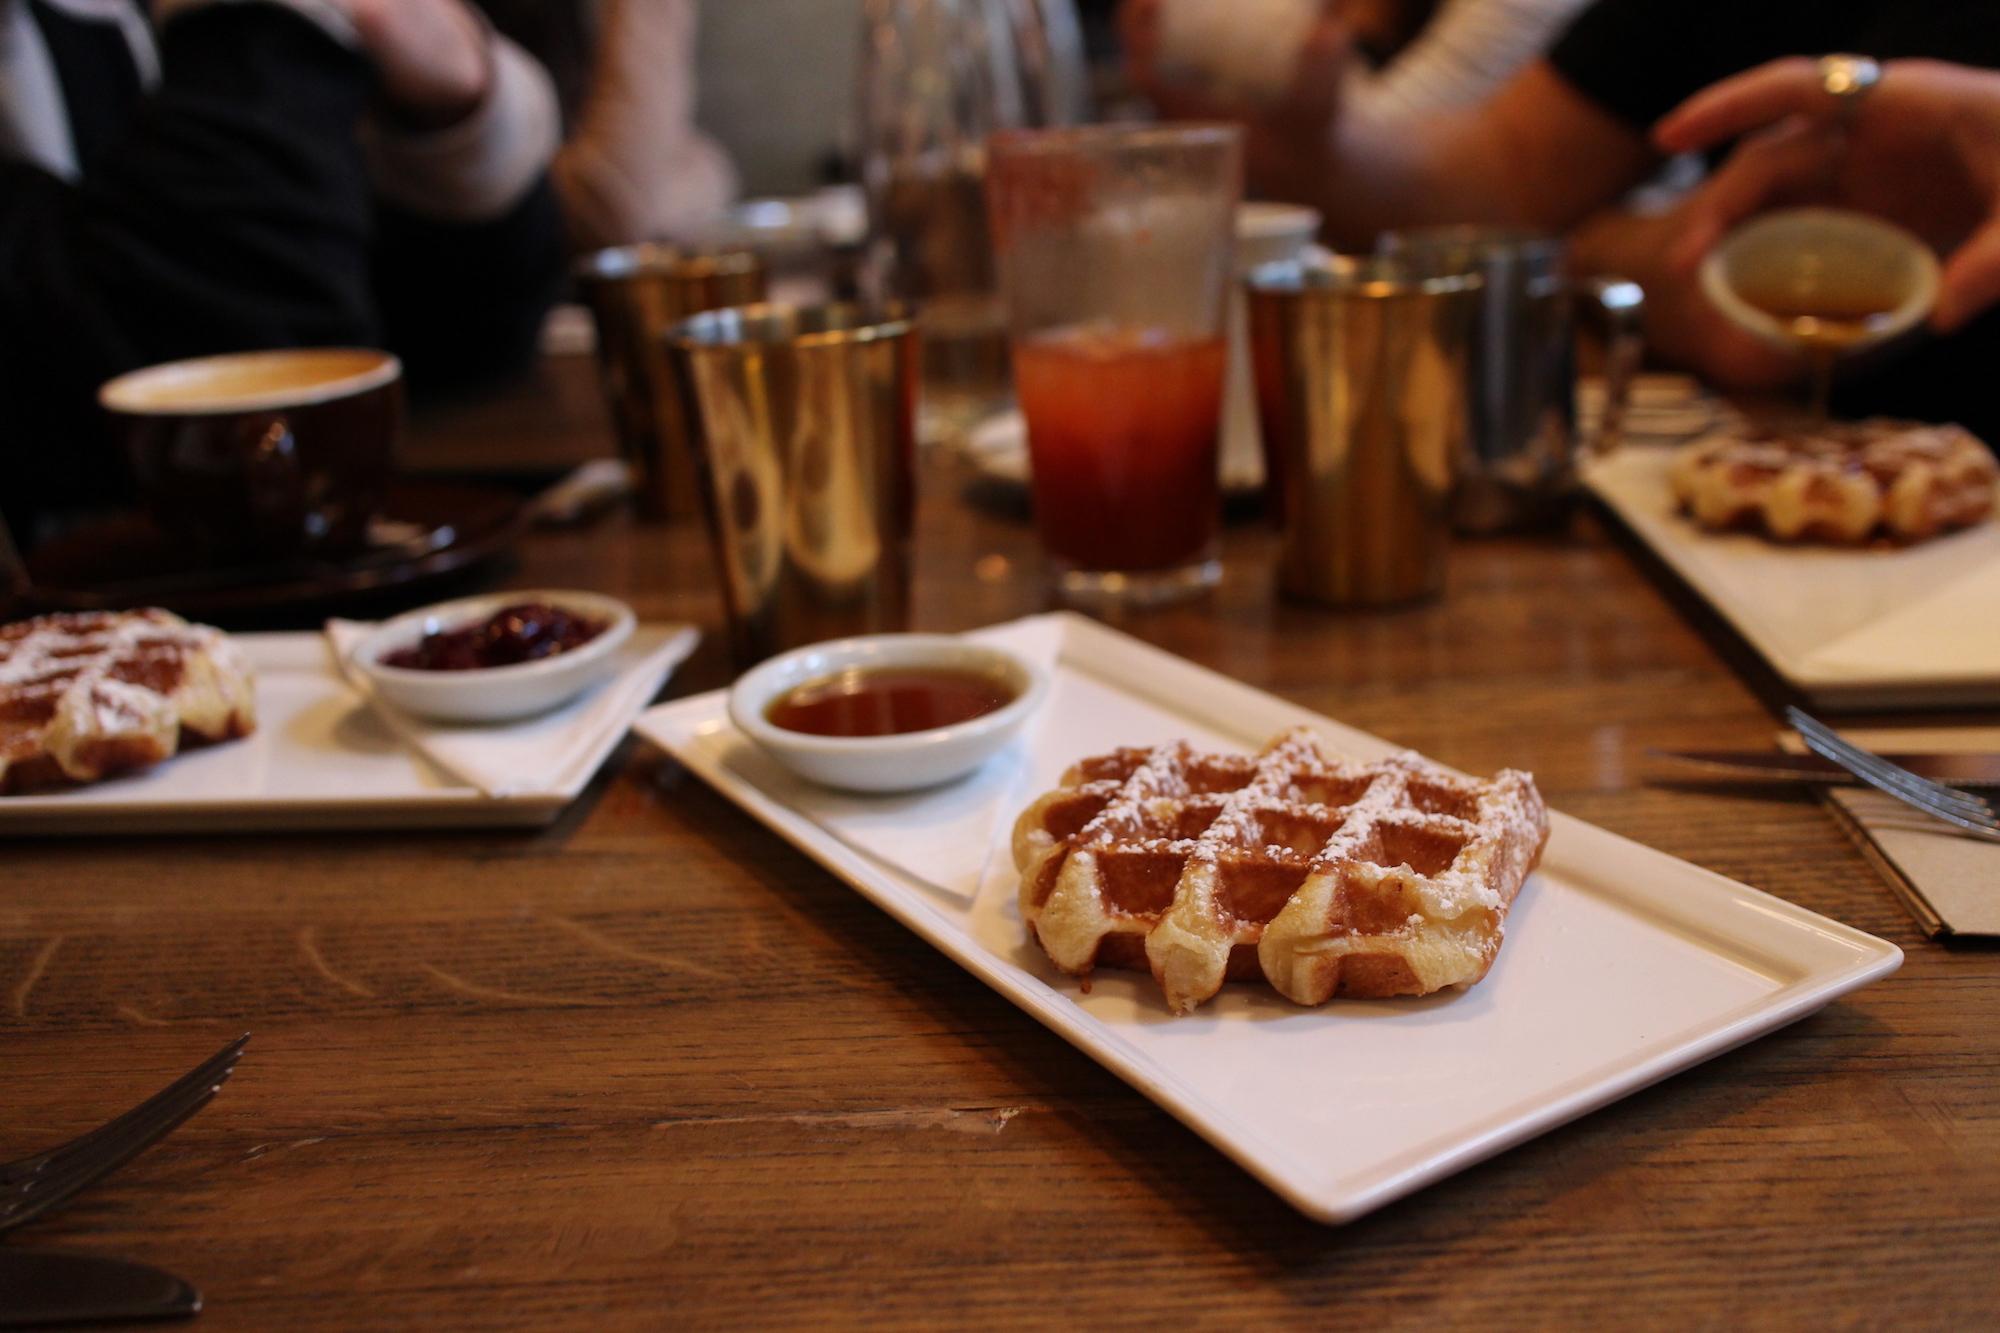 Liege Style Waffle